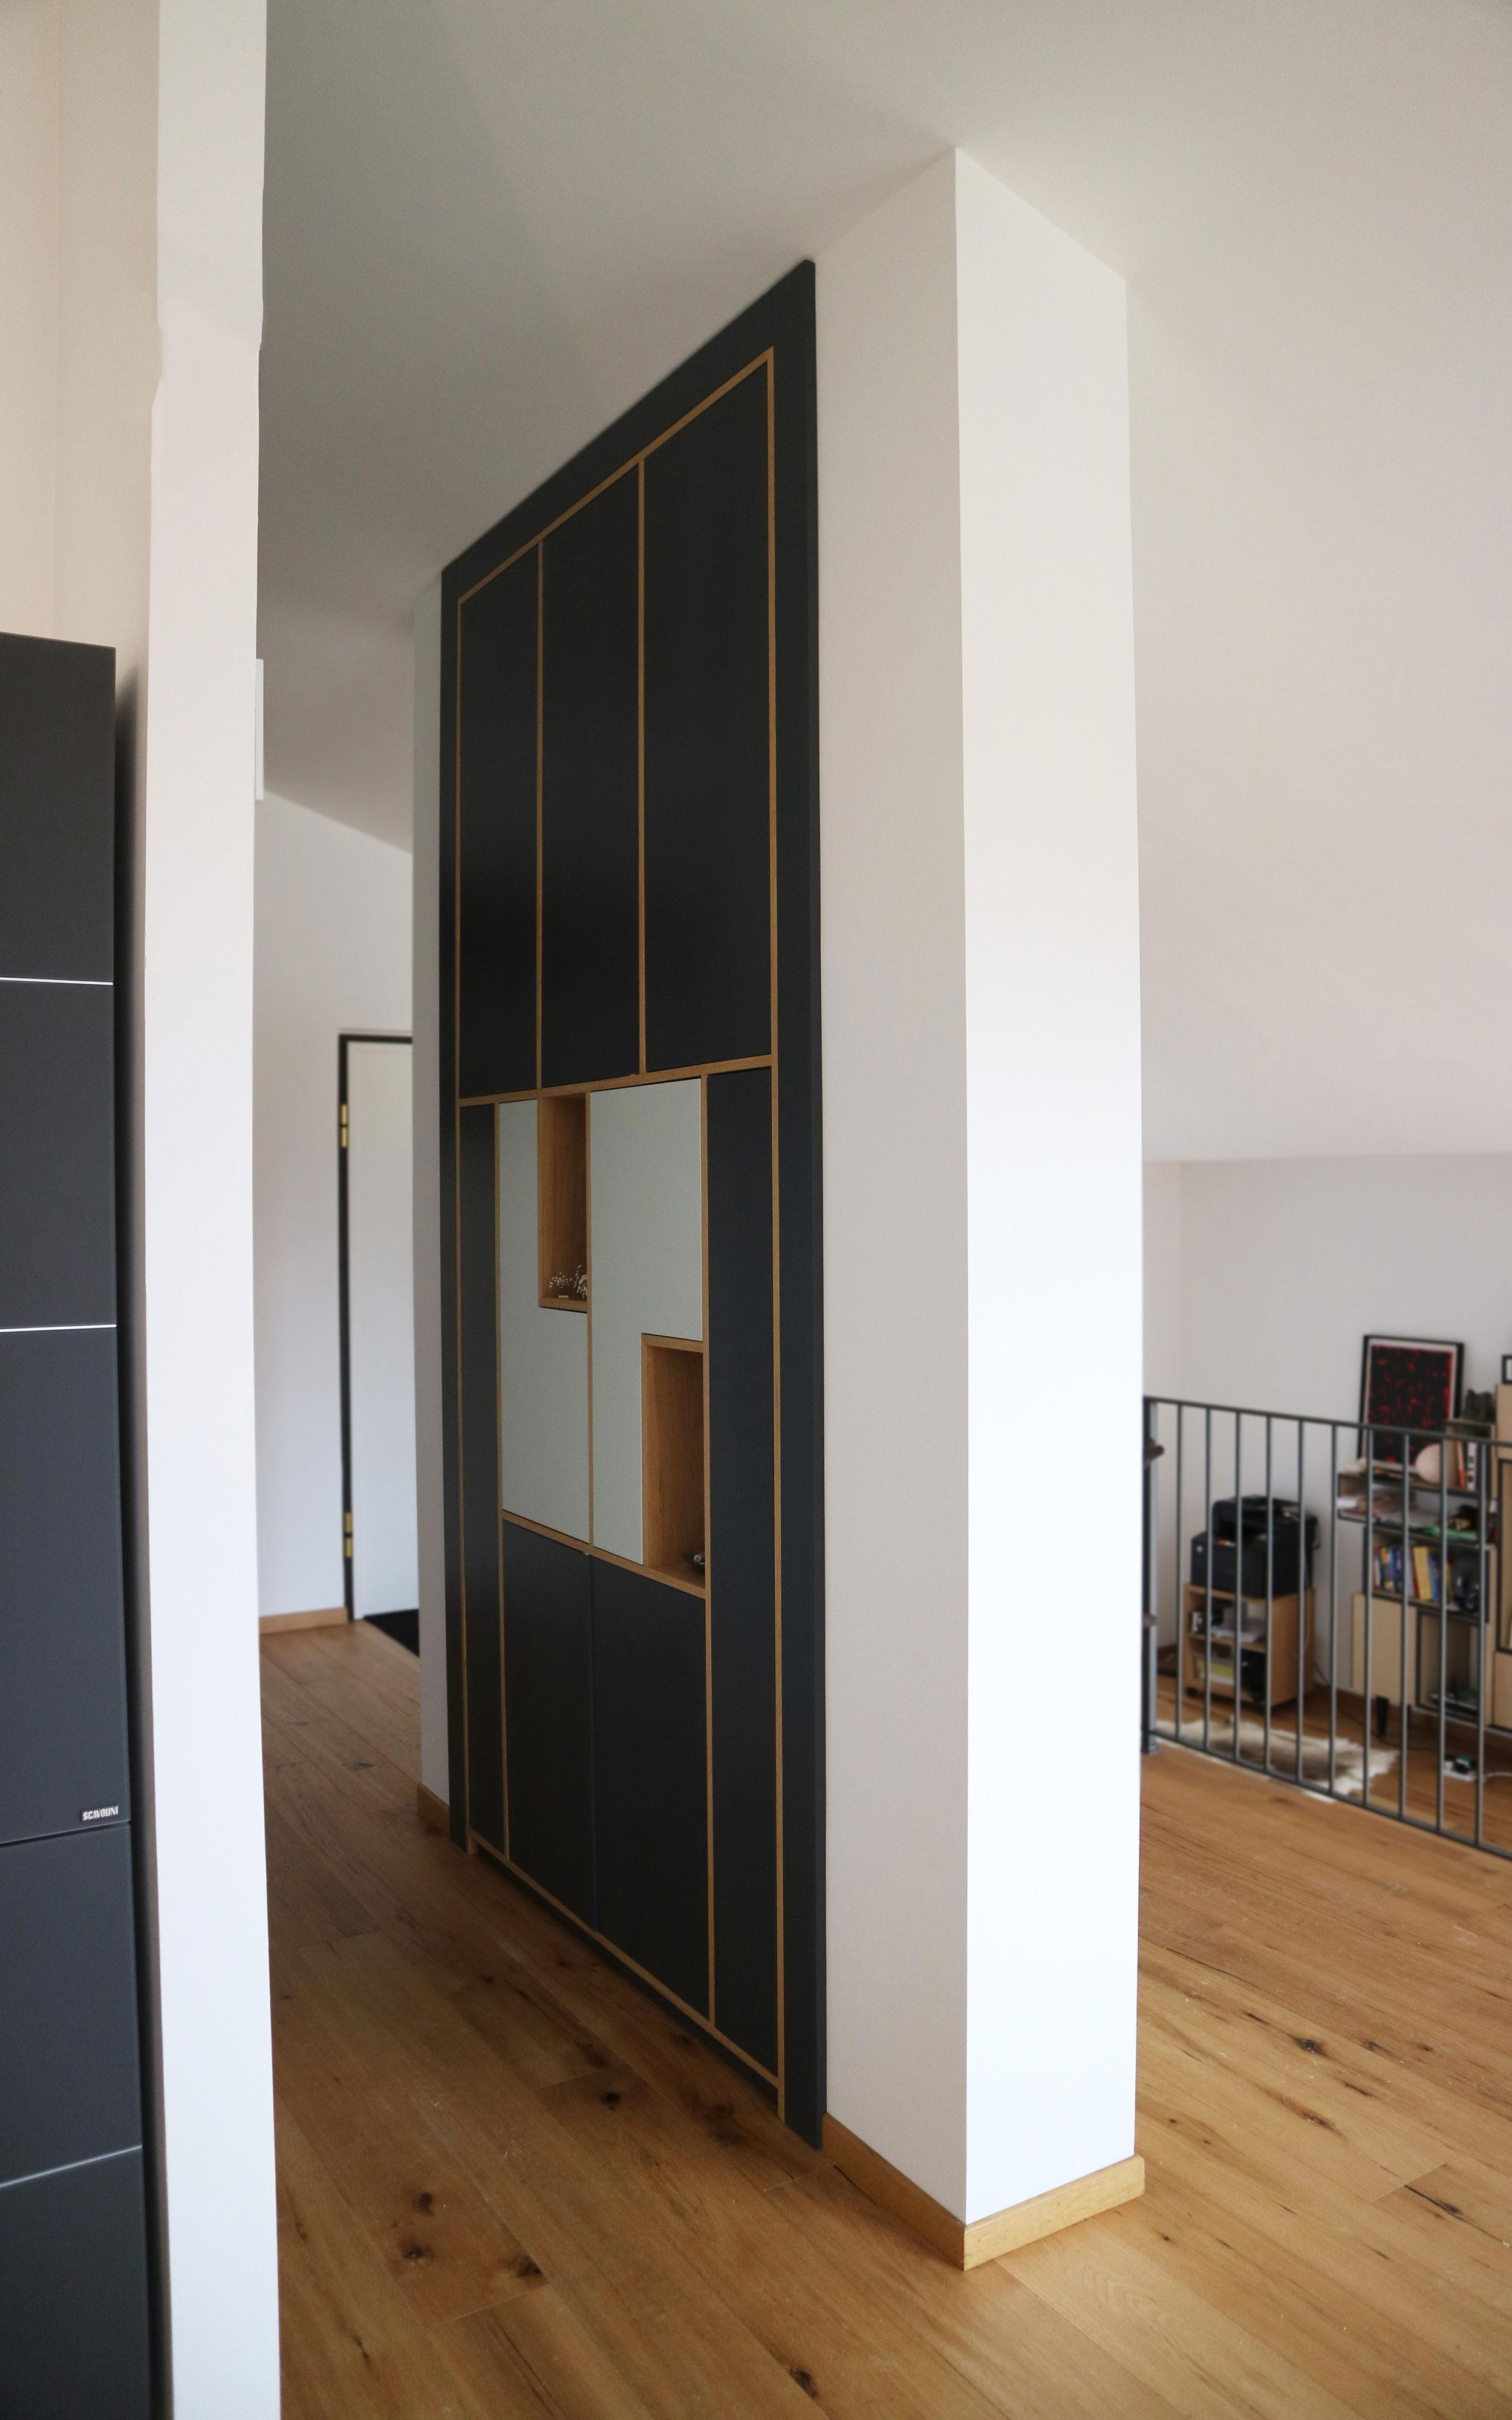 Armadio A Muro Design armadio a muro - studio di progettazione e interior design